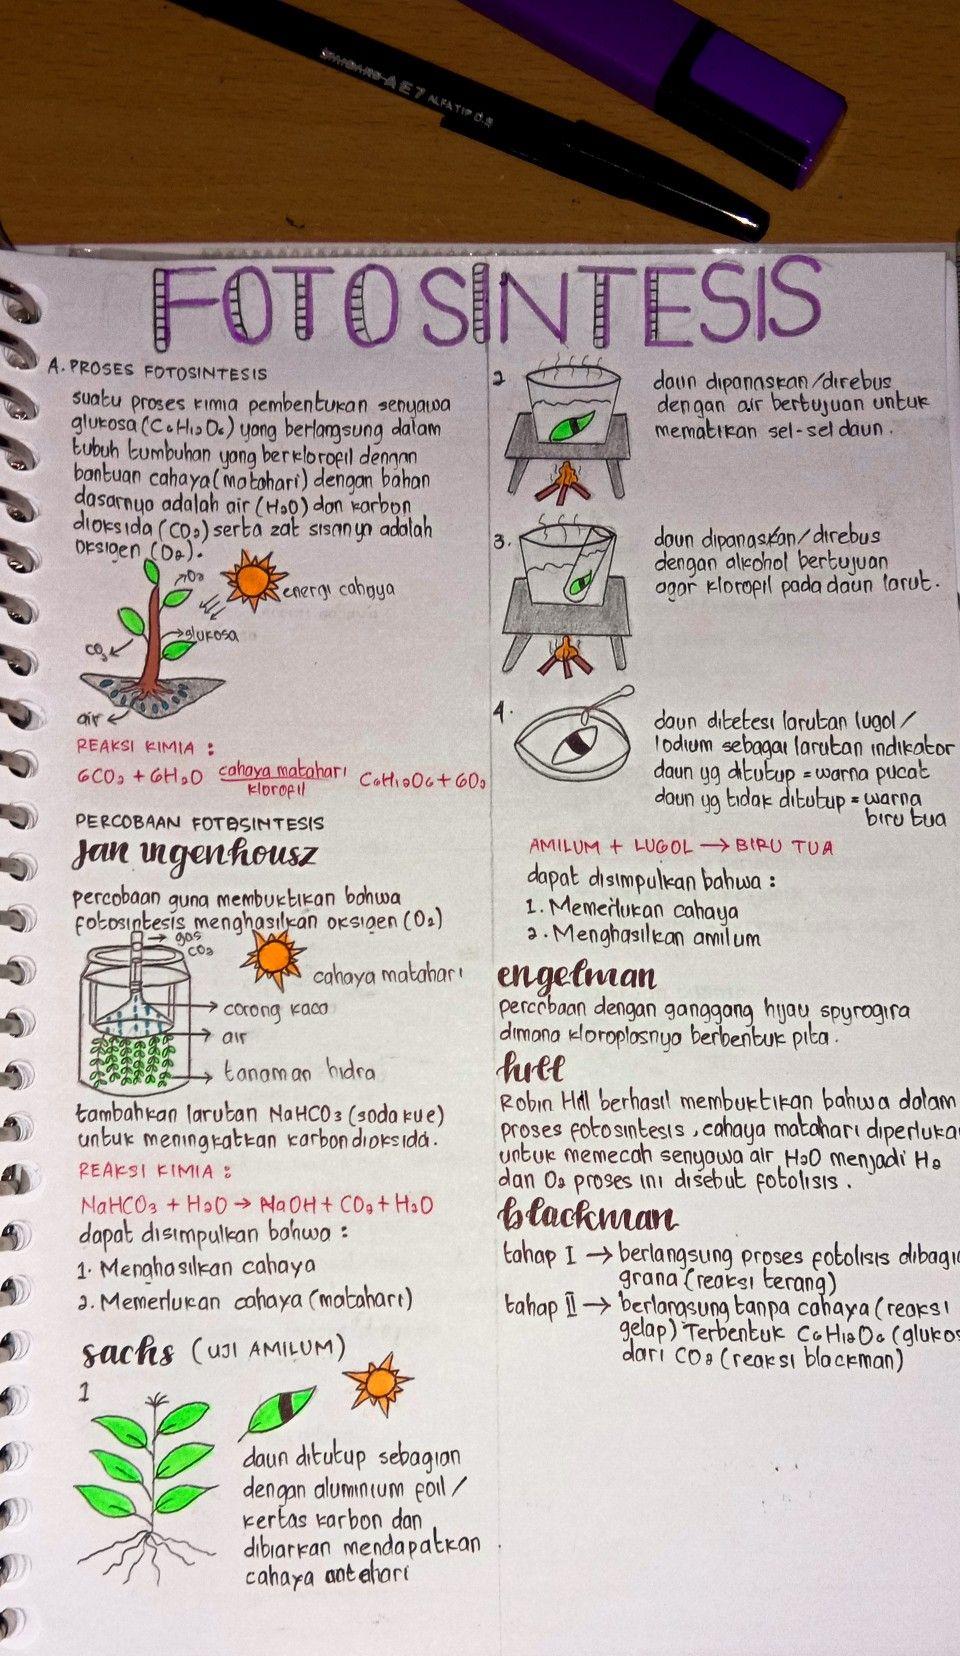 Schoolnotes Studyhard Lettering Rangkuman Materi Ipa Pelajaran Matematika Motivasi Belajar Buku Pelajaran